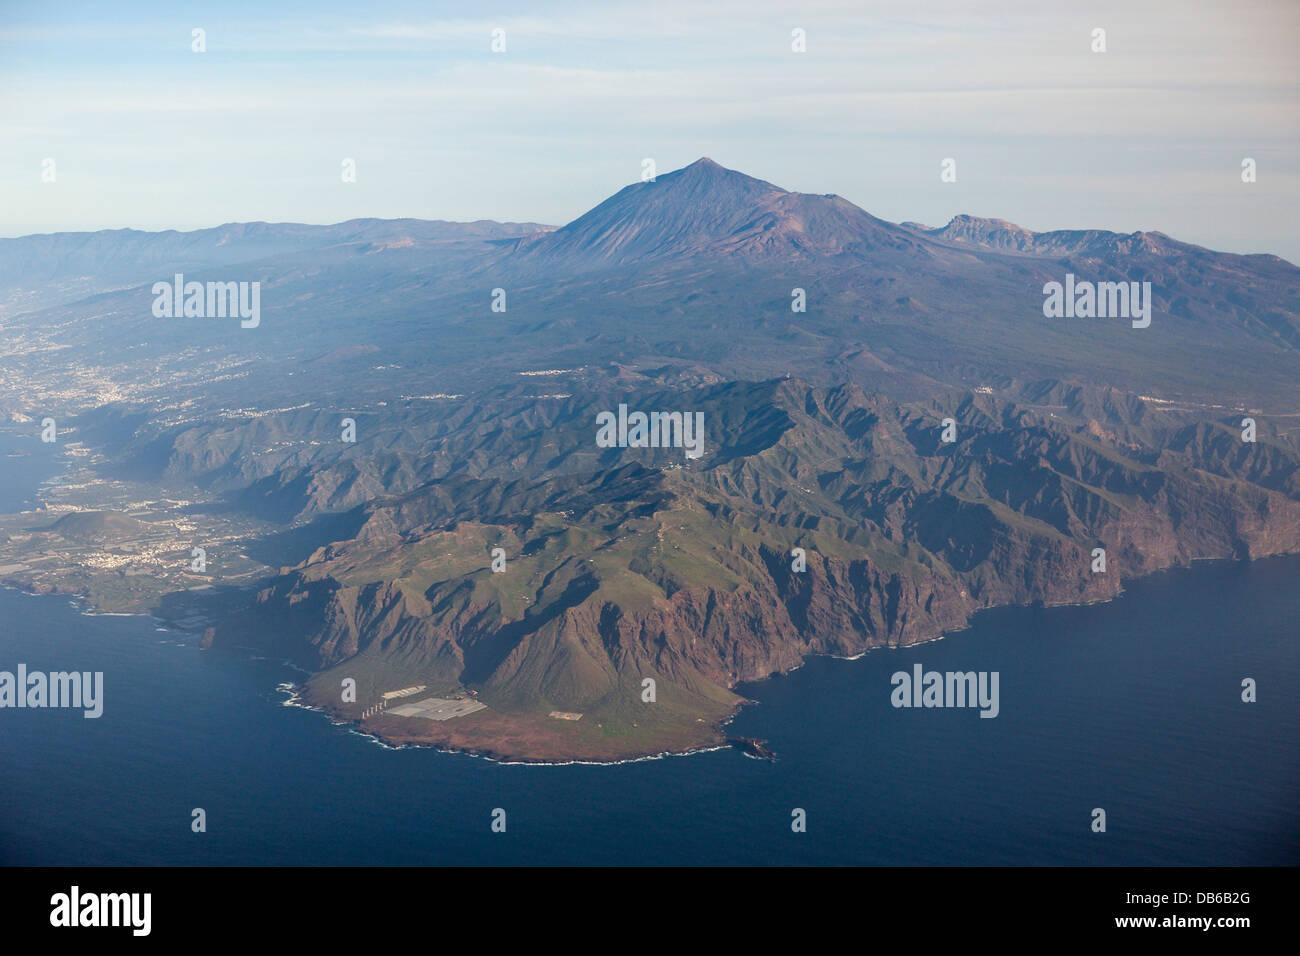 Luftaufnahme des Teno-Gebirge und Teide, Teneriffa, Kanarische Inseln, Spanien Stockbild